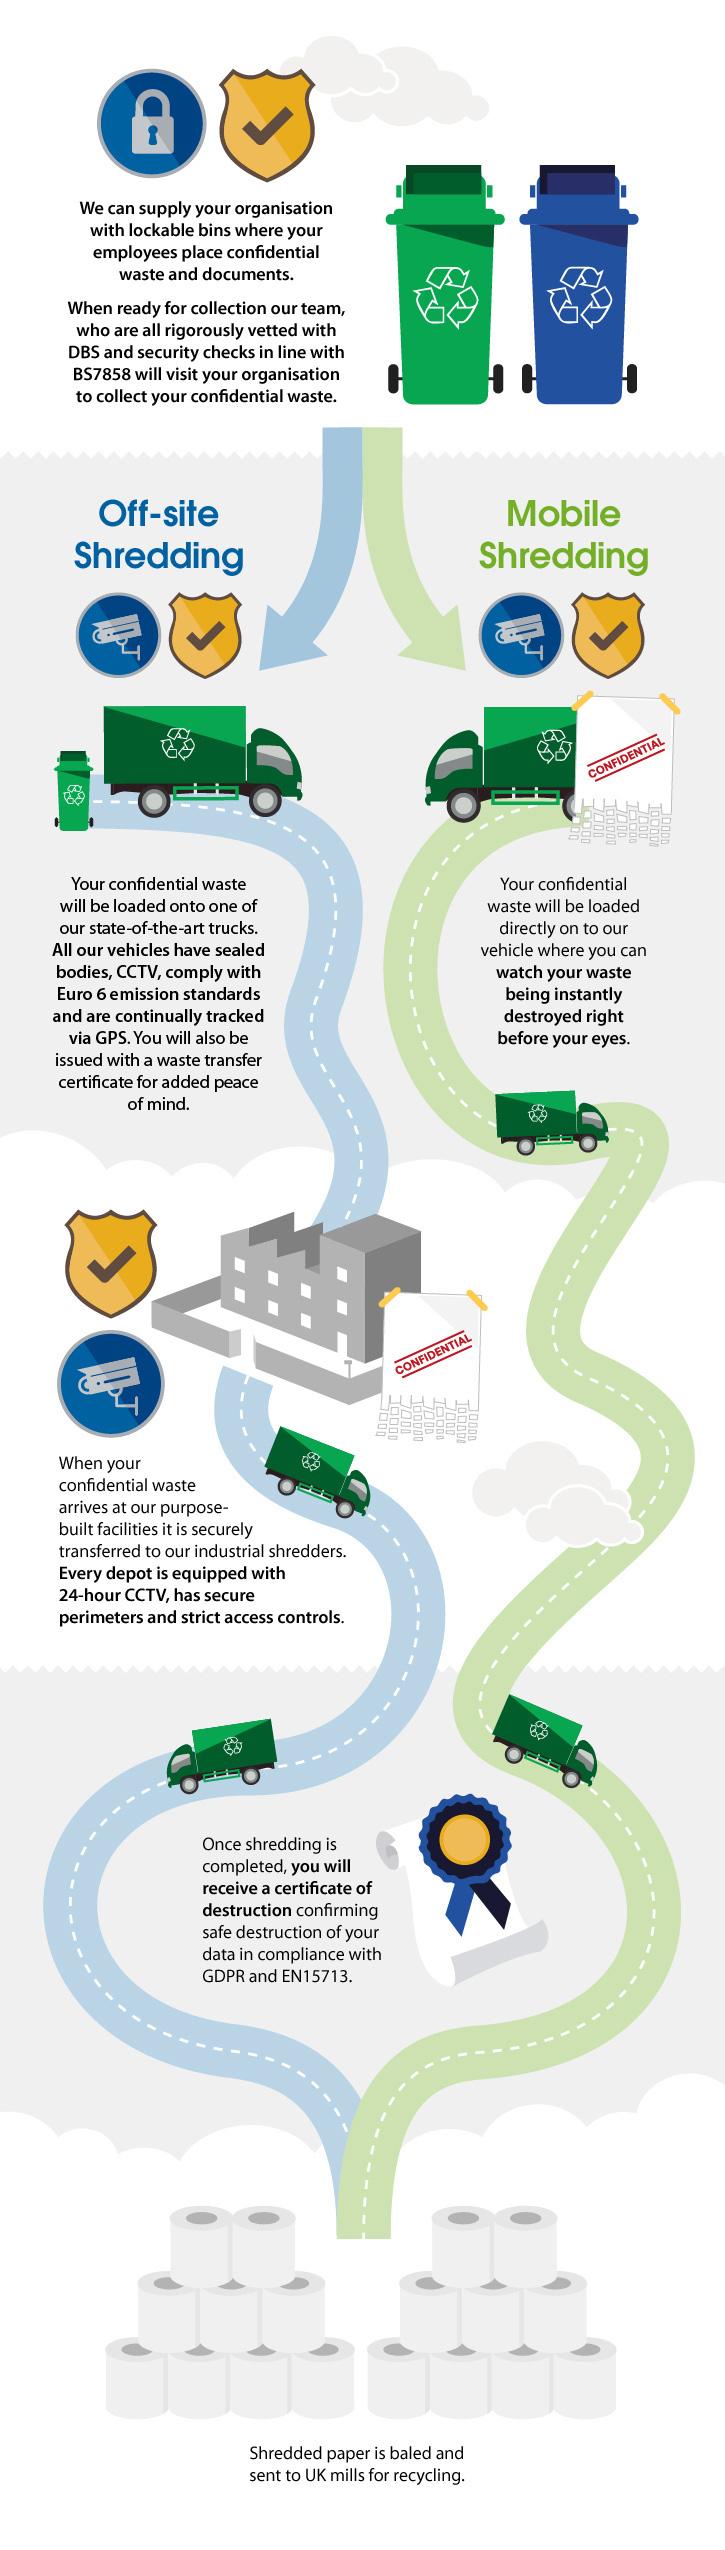 Chain of custody infographic